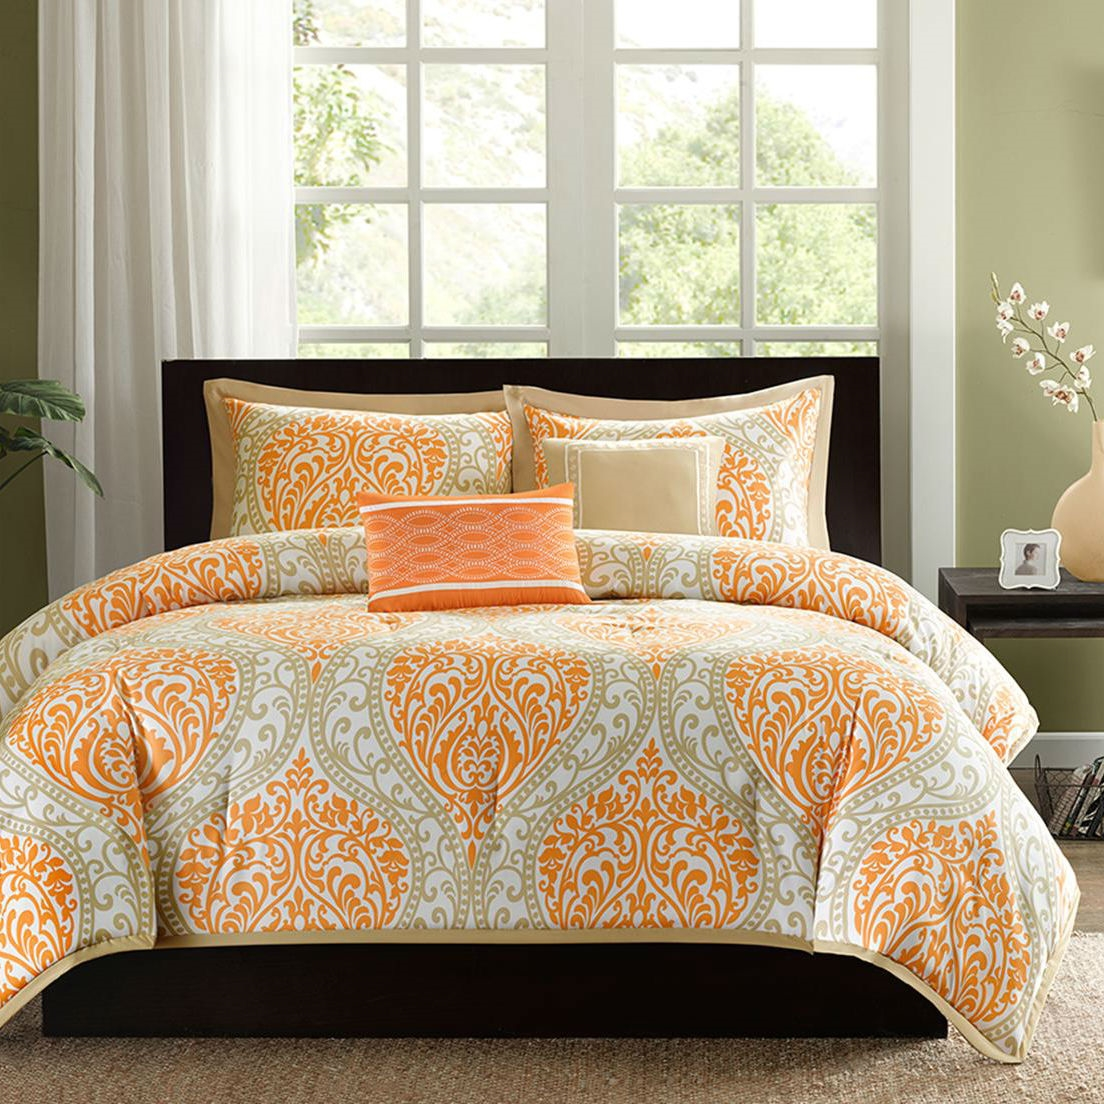 King size 5 Piece Comforter Set in Orange Damask Print